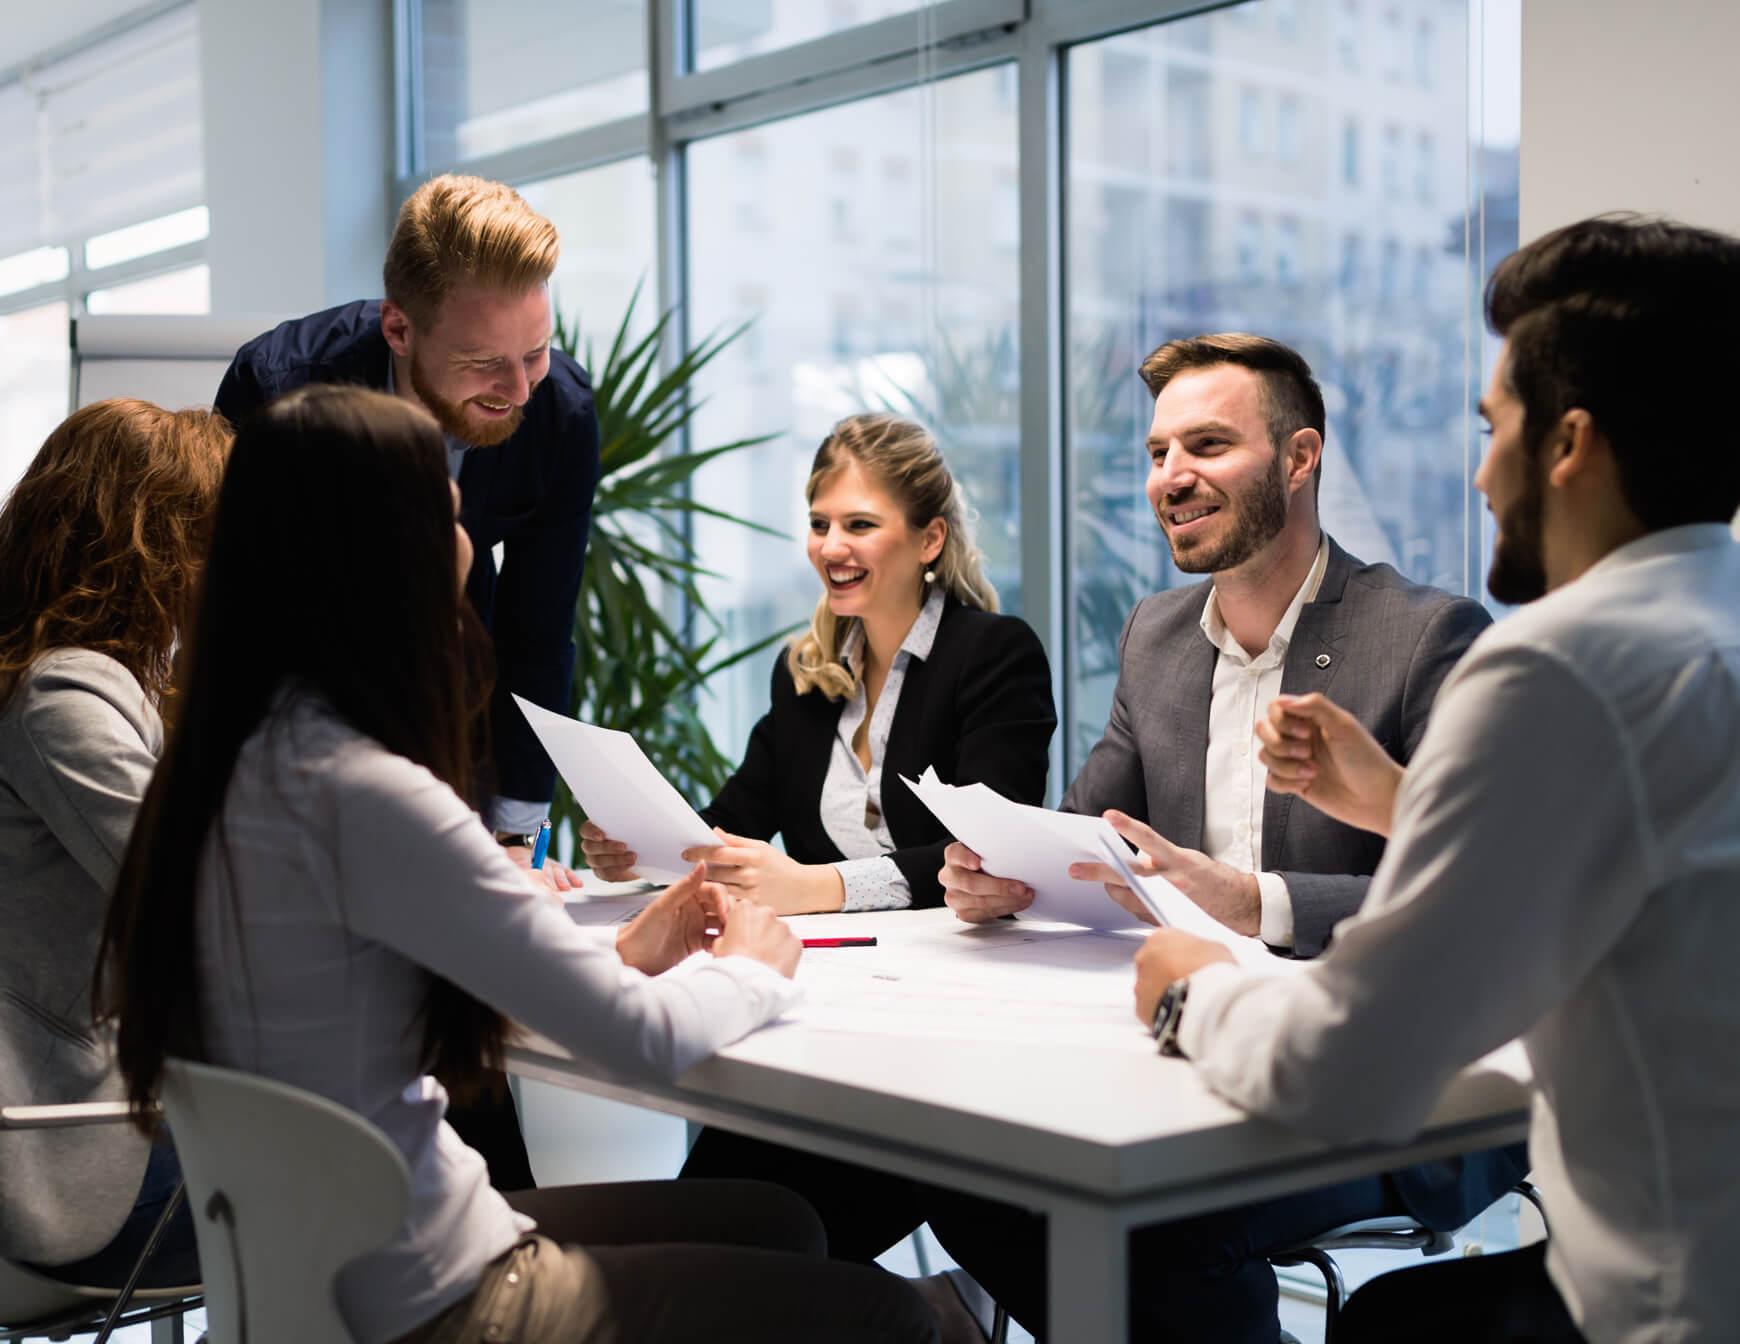 Mejore su negocio y su experiencia de usuario con Avast